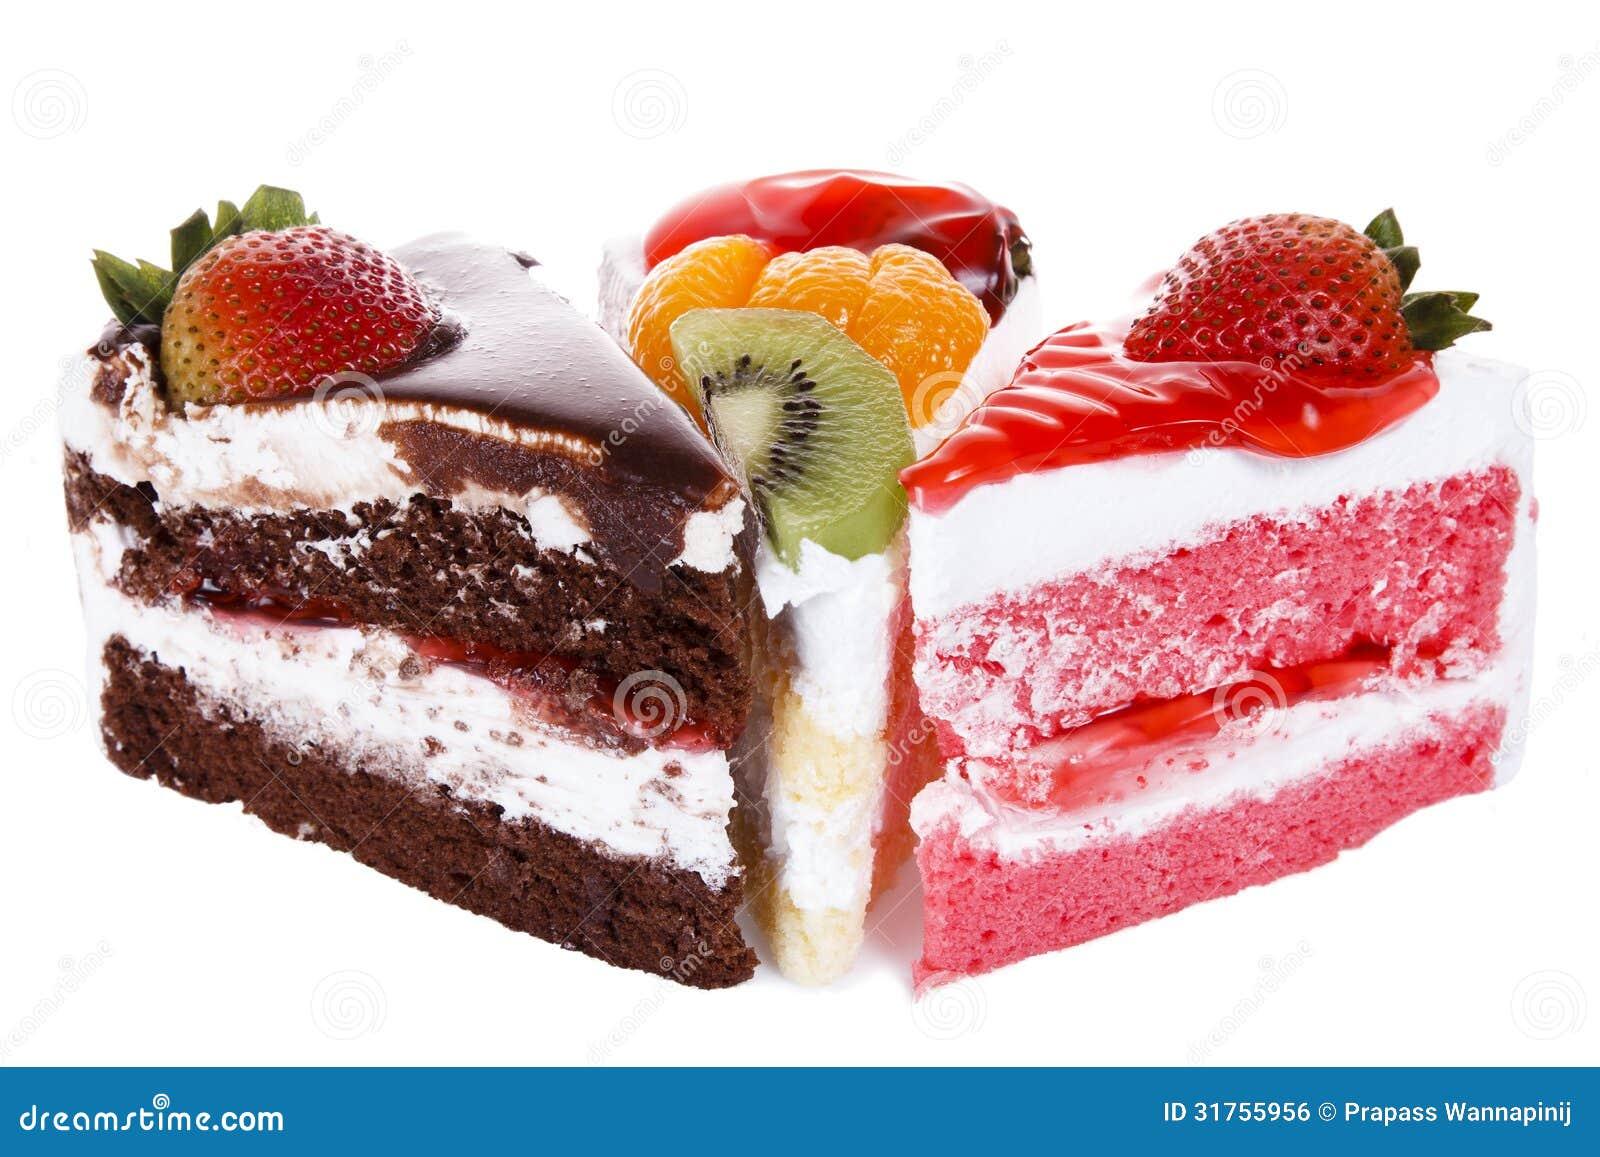 Berry And Orange Raw Cake